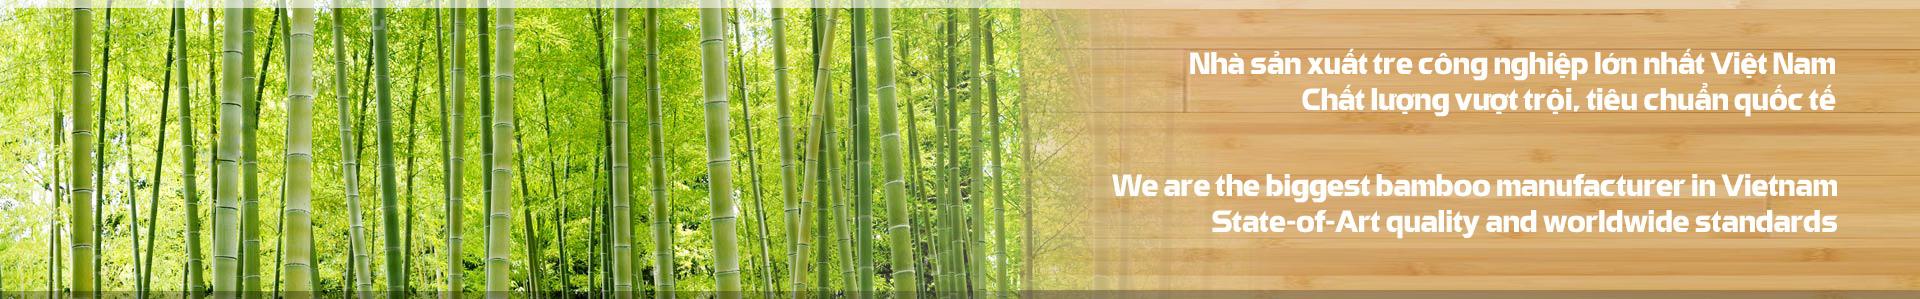 SJF Tre công nghiệp bamboo